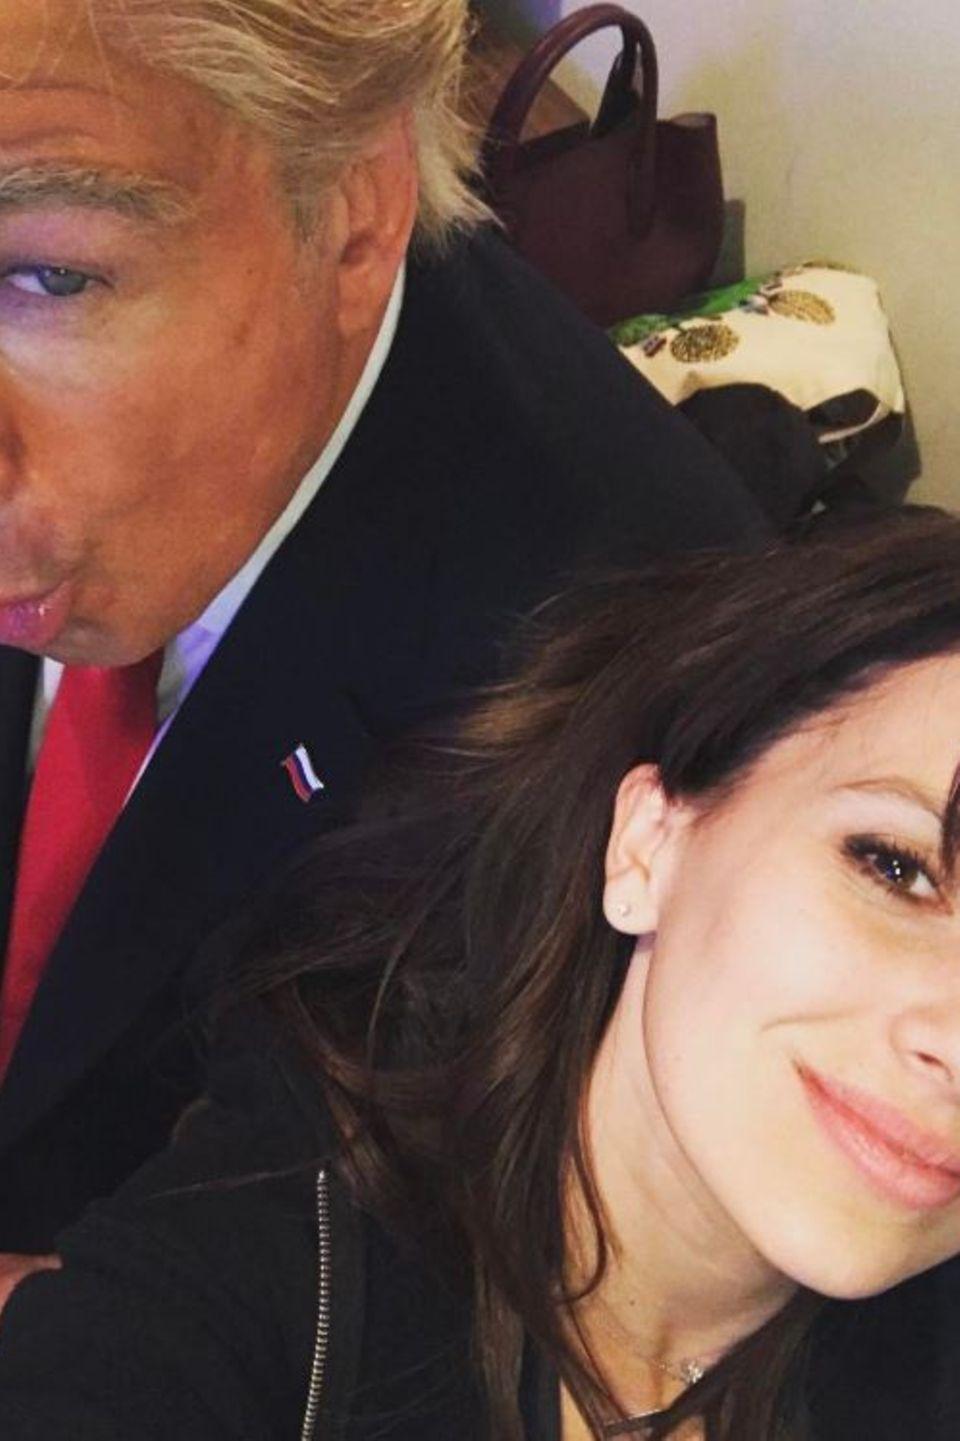 """15. Januar 2017  Es ist """"Saturday Night Live""""- Zeit, eine amerikanische Polit-Comedy-Show und Alec Baldwin ist bereits in seine Paraderolle als President Trump geschlüpft, aber für ein Selfie mit Hilaria ist auf jeden Fall noch Zeit."""